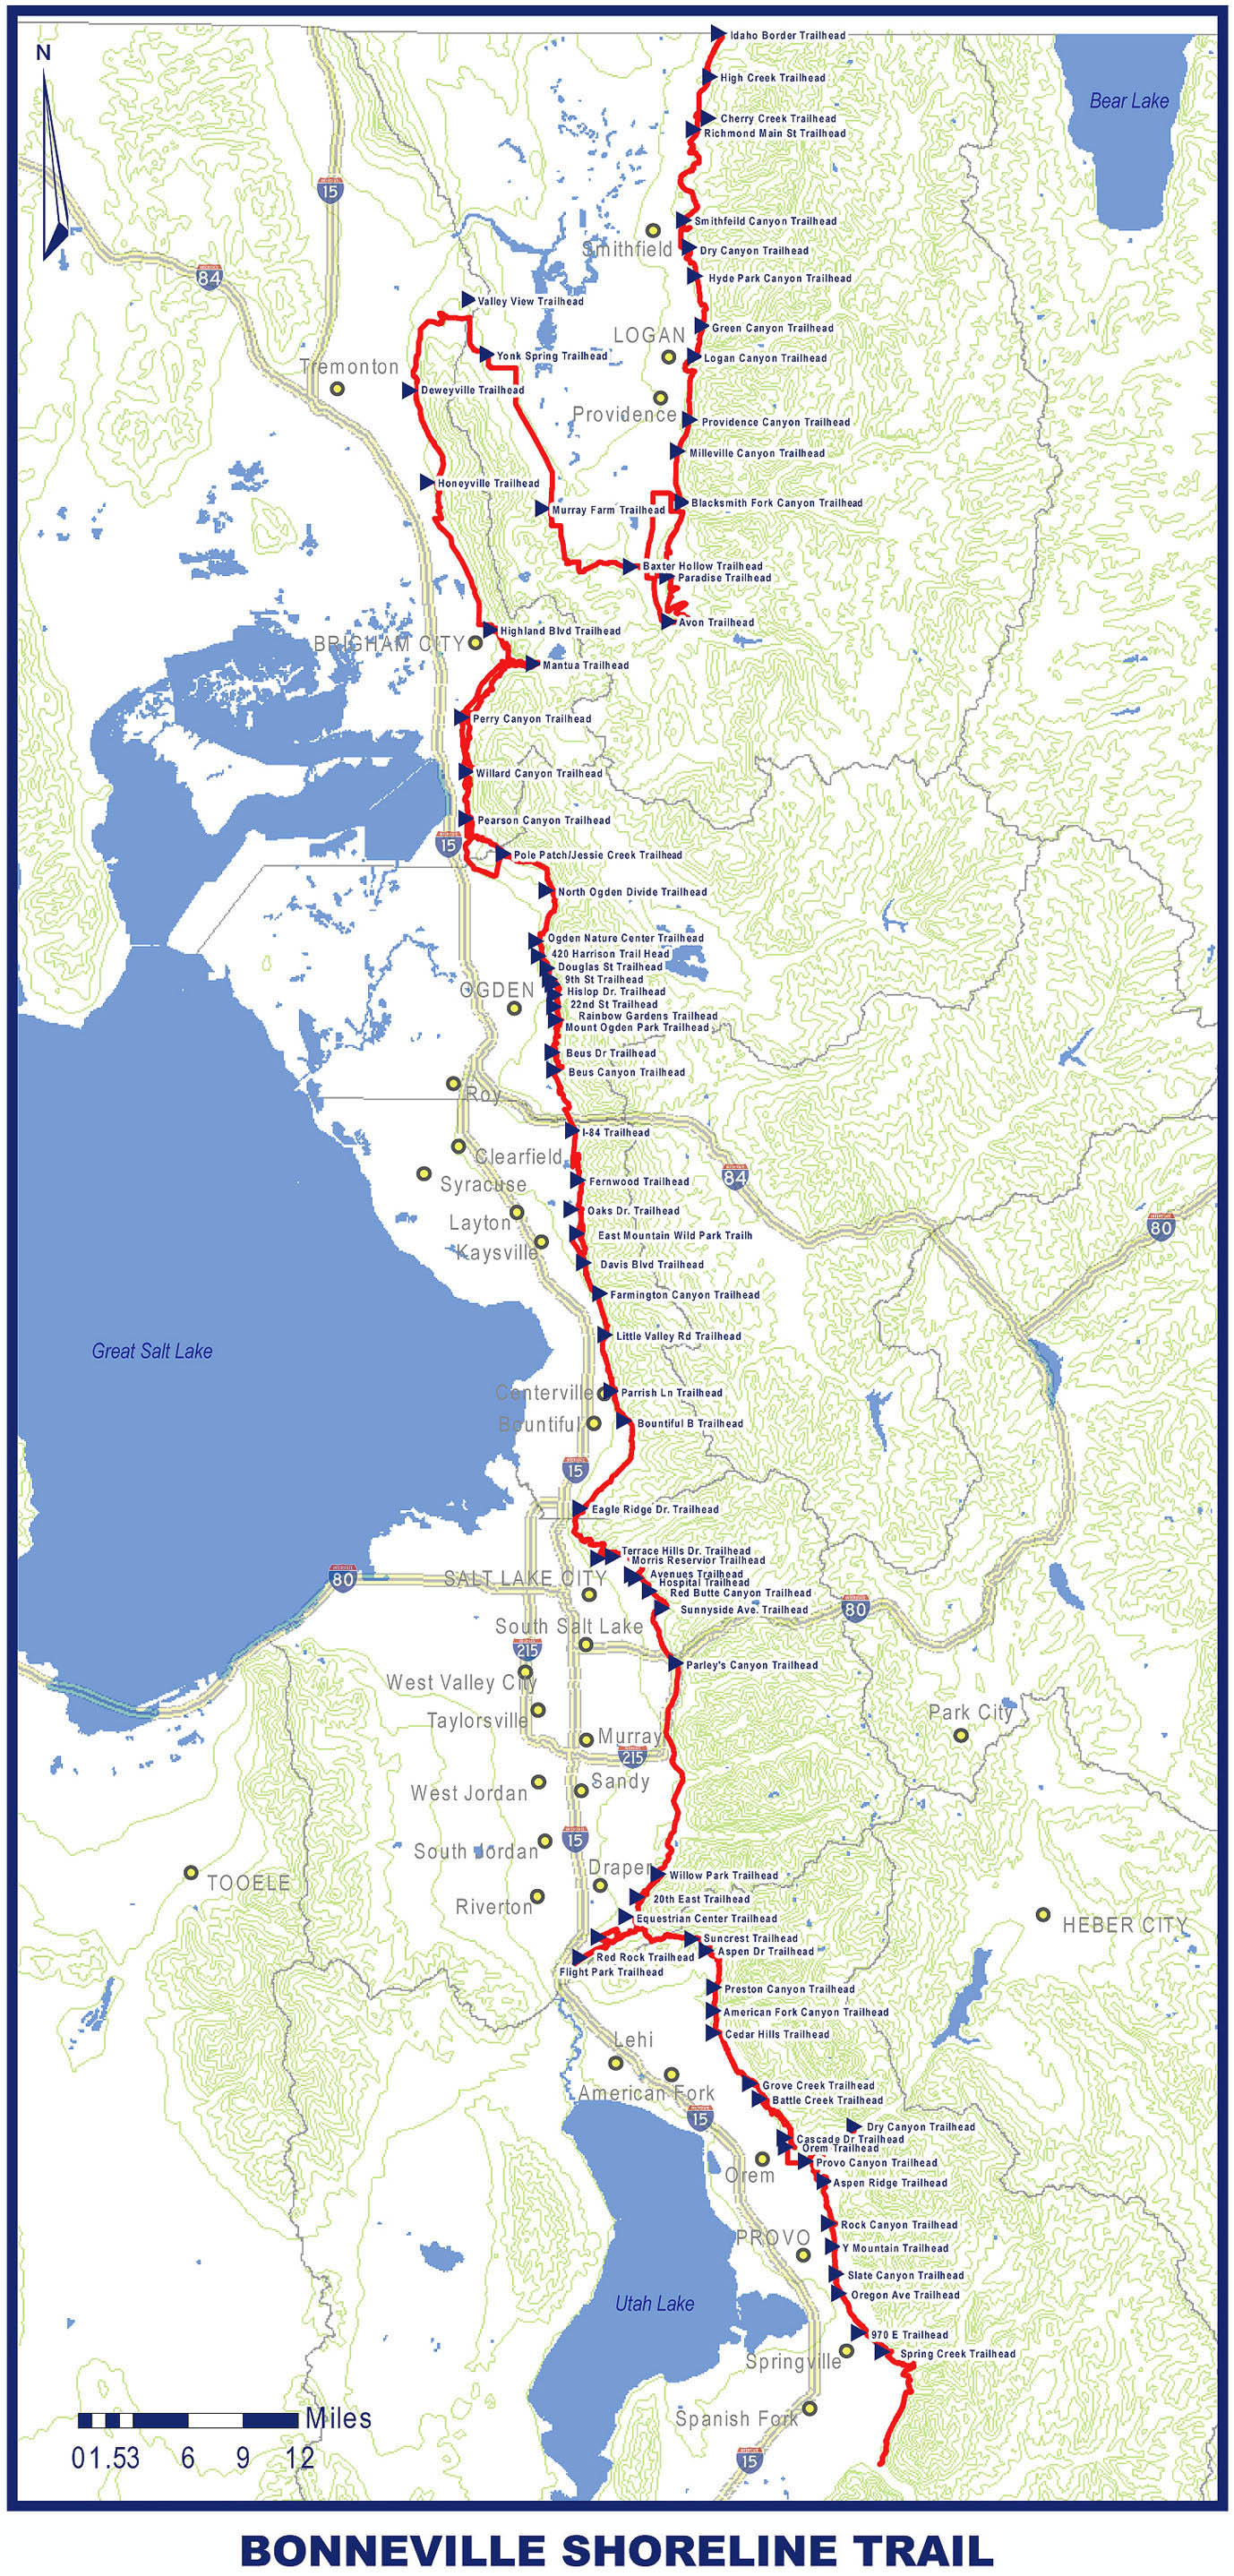 Bonneville Shoreline Trail: Full Map